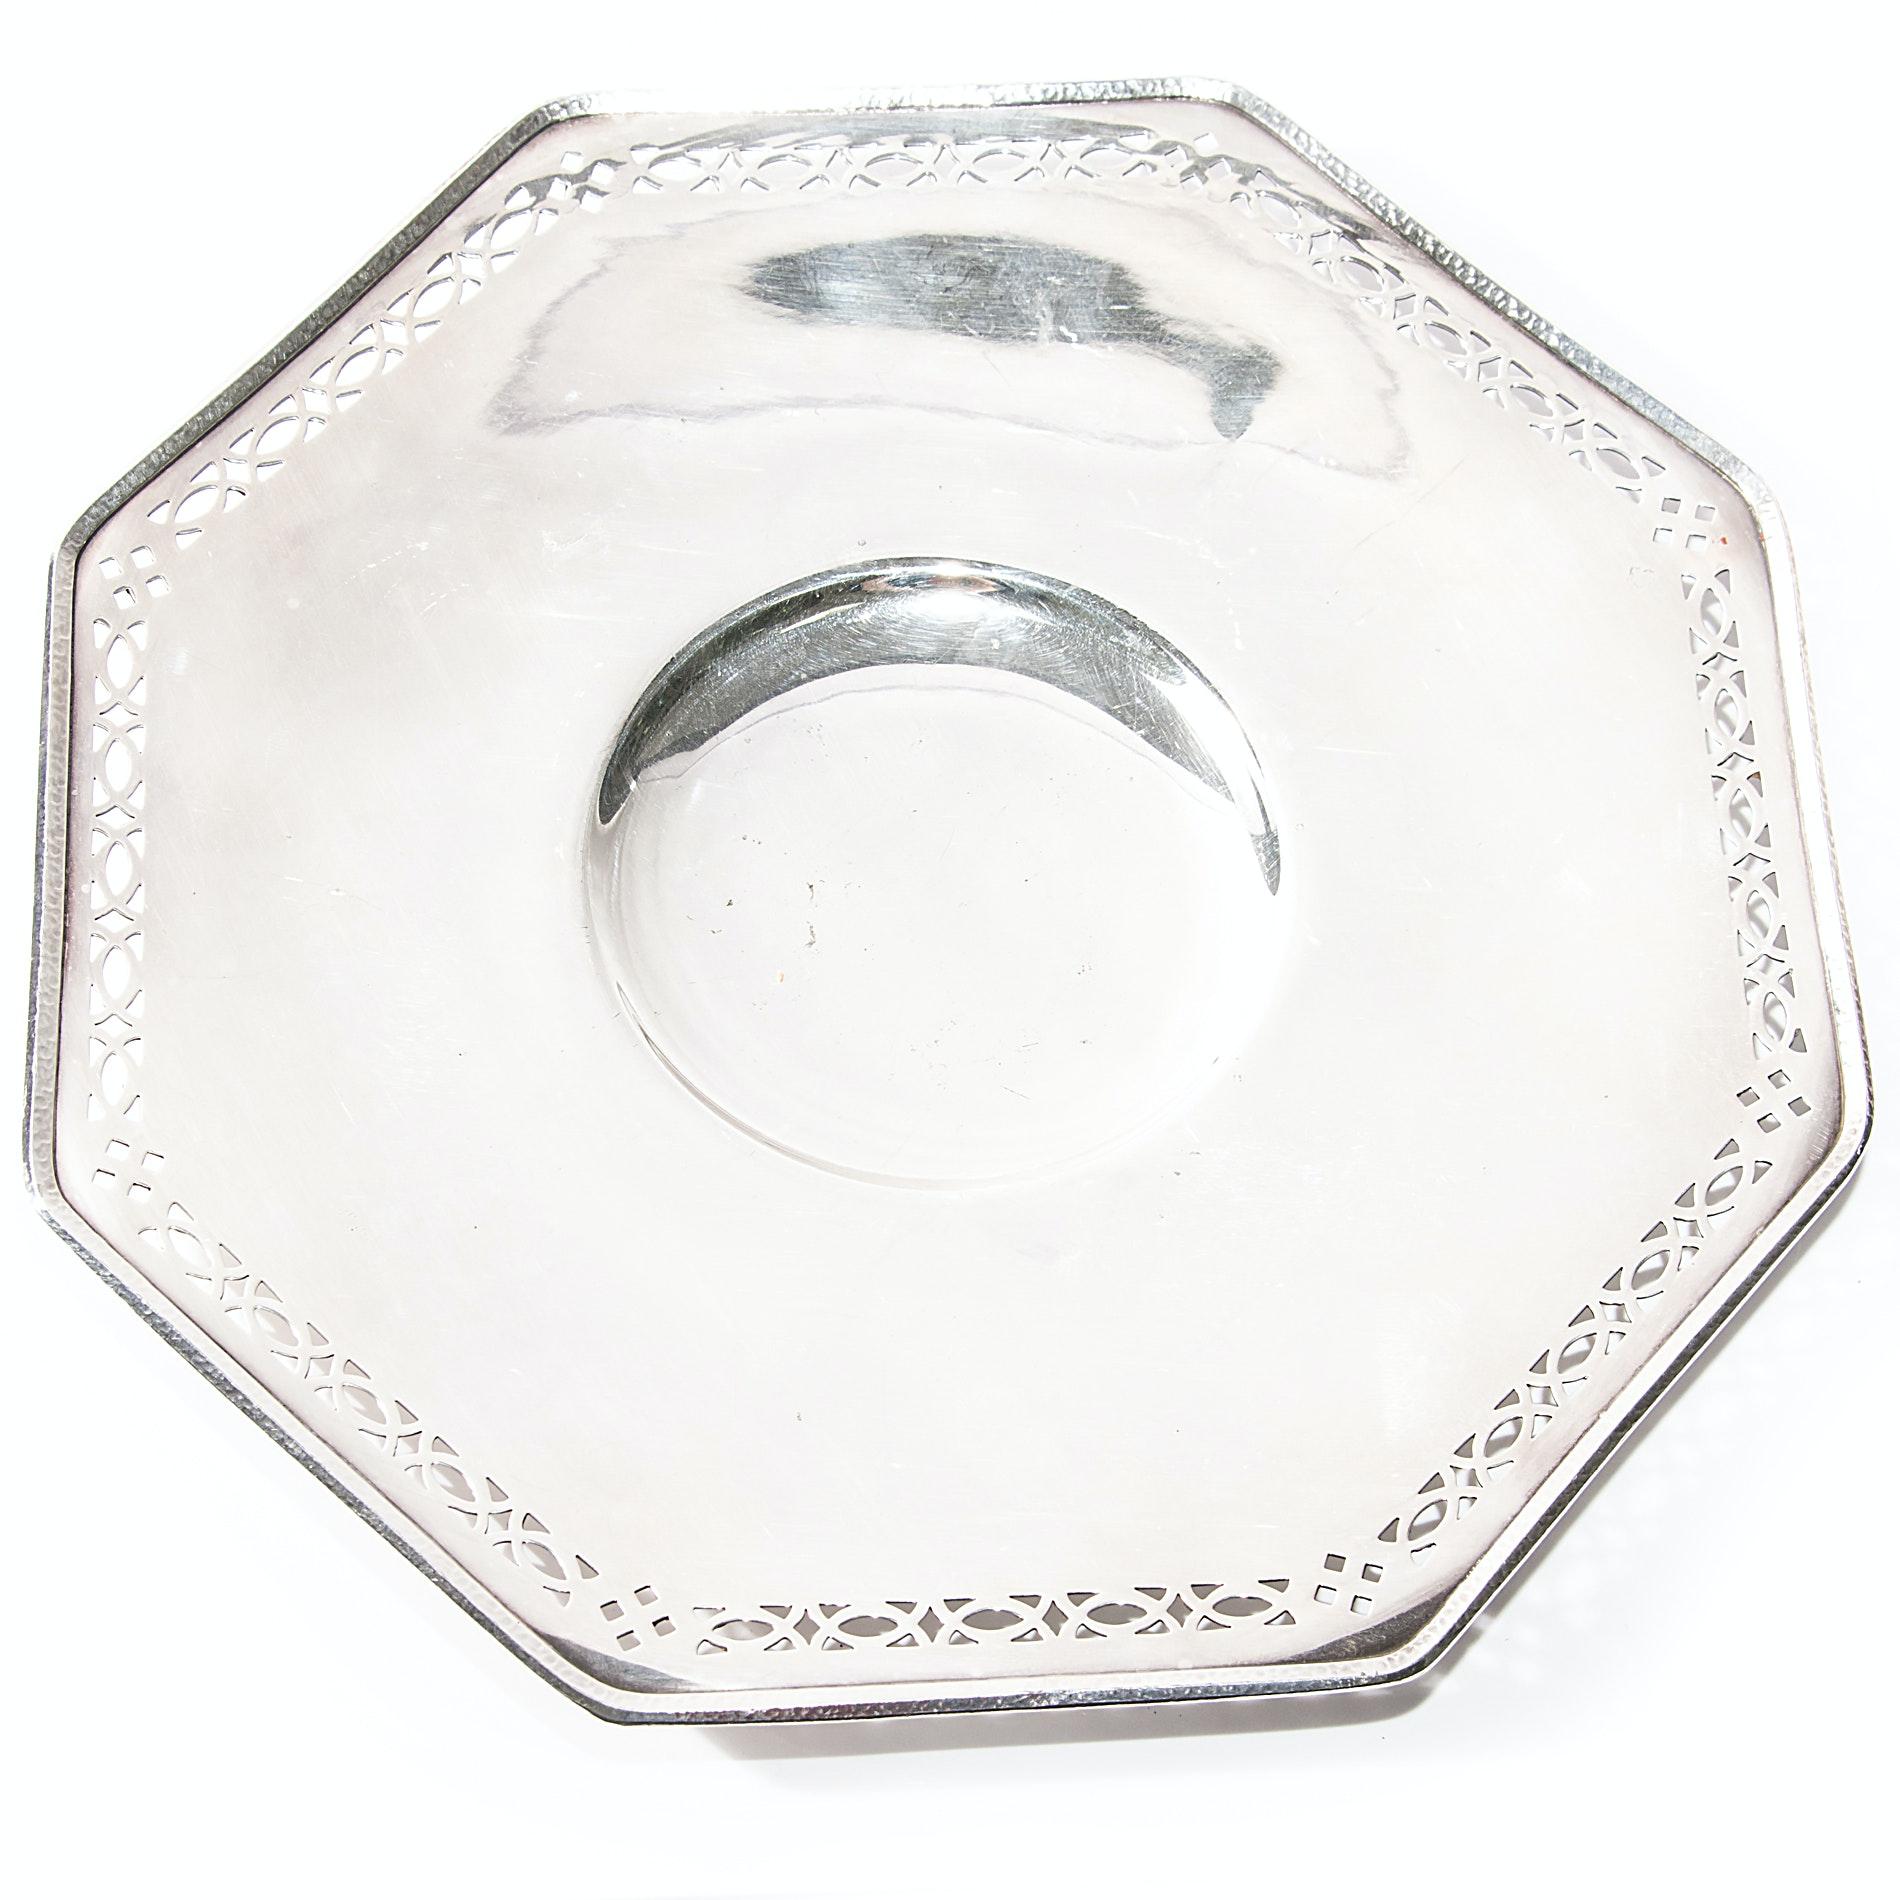 Vintage Meriden Silver Plate Co. Serving Platter